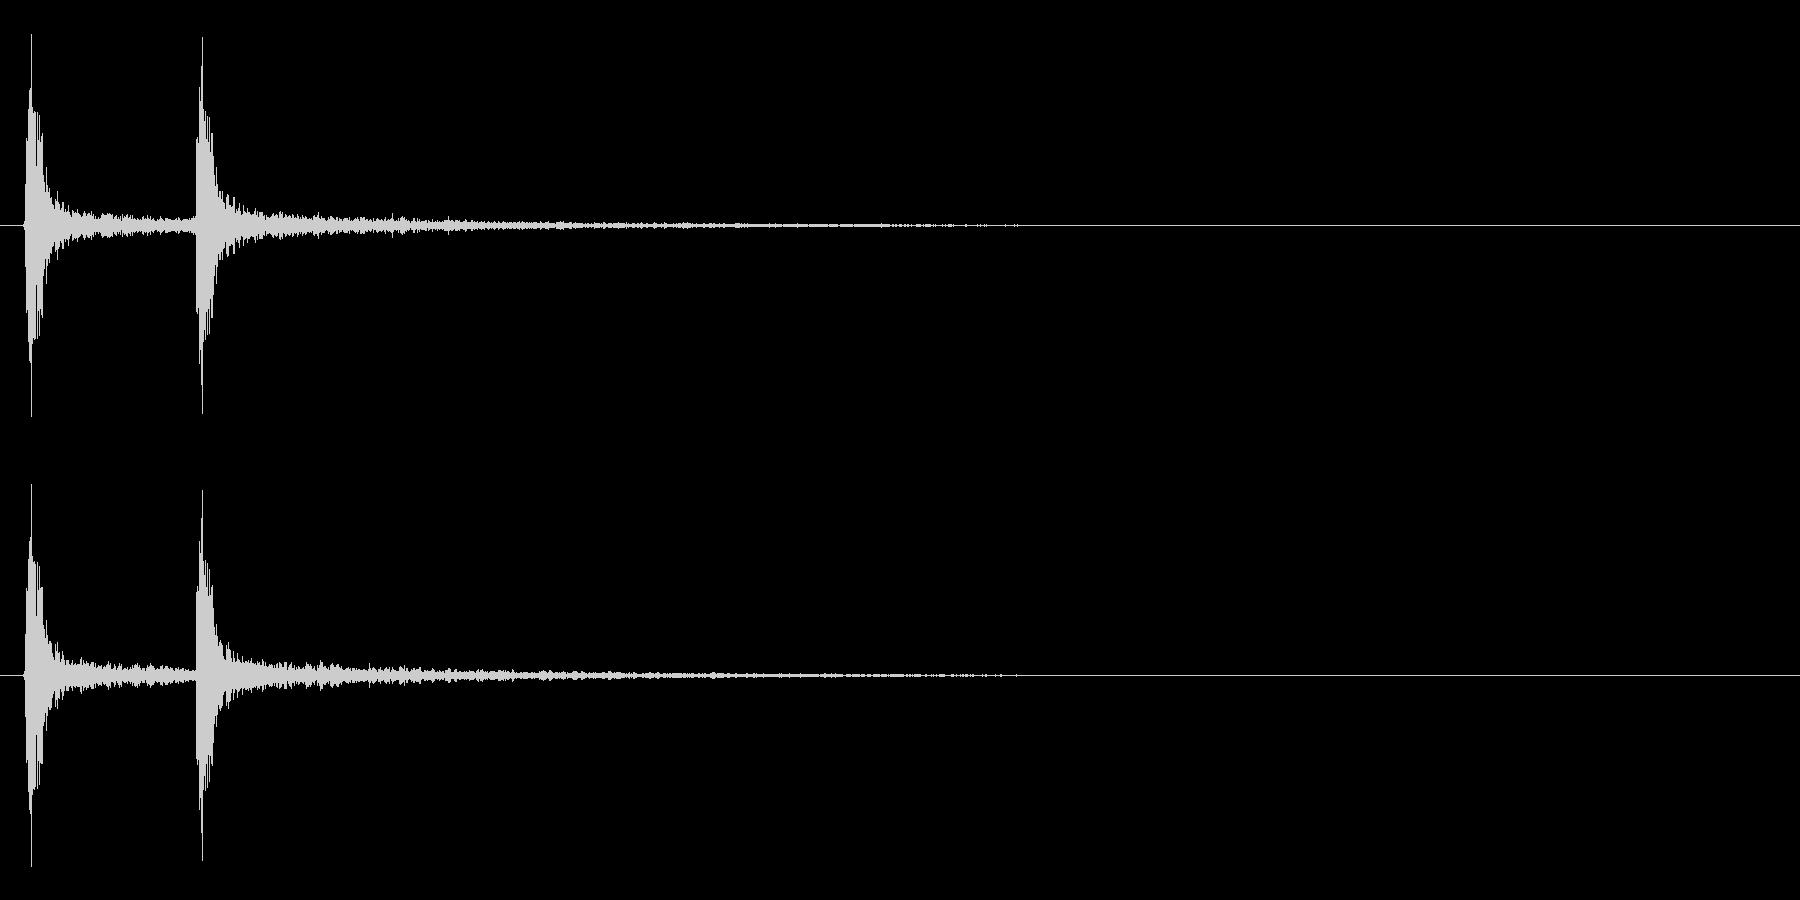 「チャチャッ!」木製シェイカー連打音FXの未再生の波形